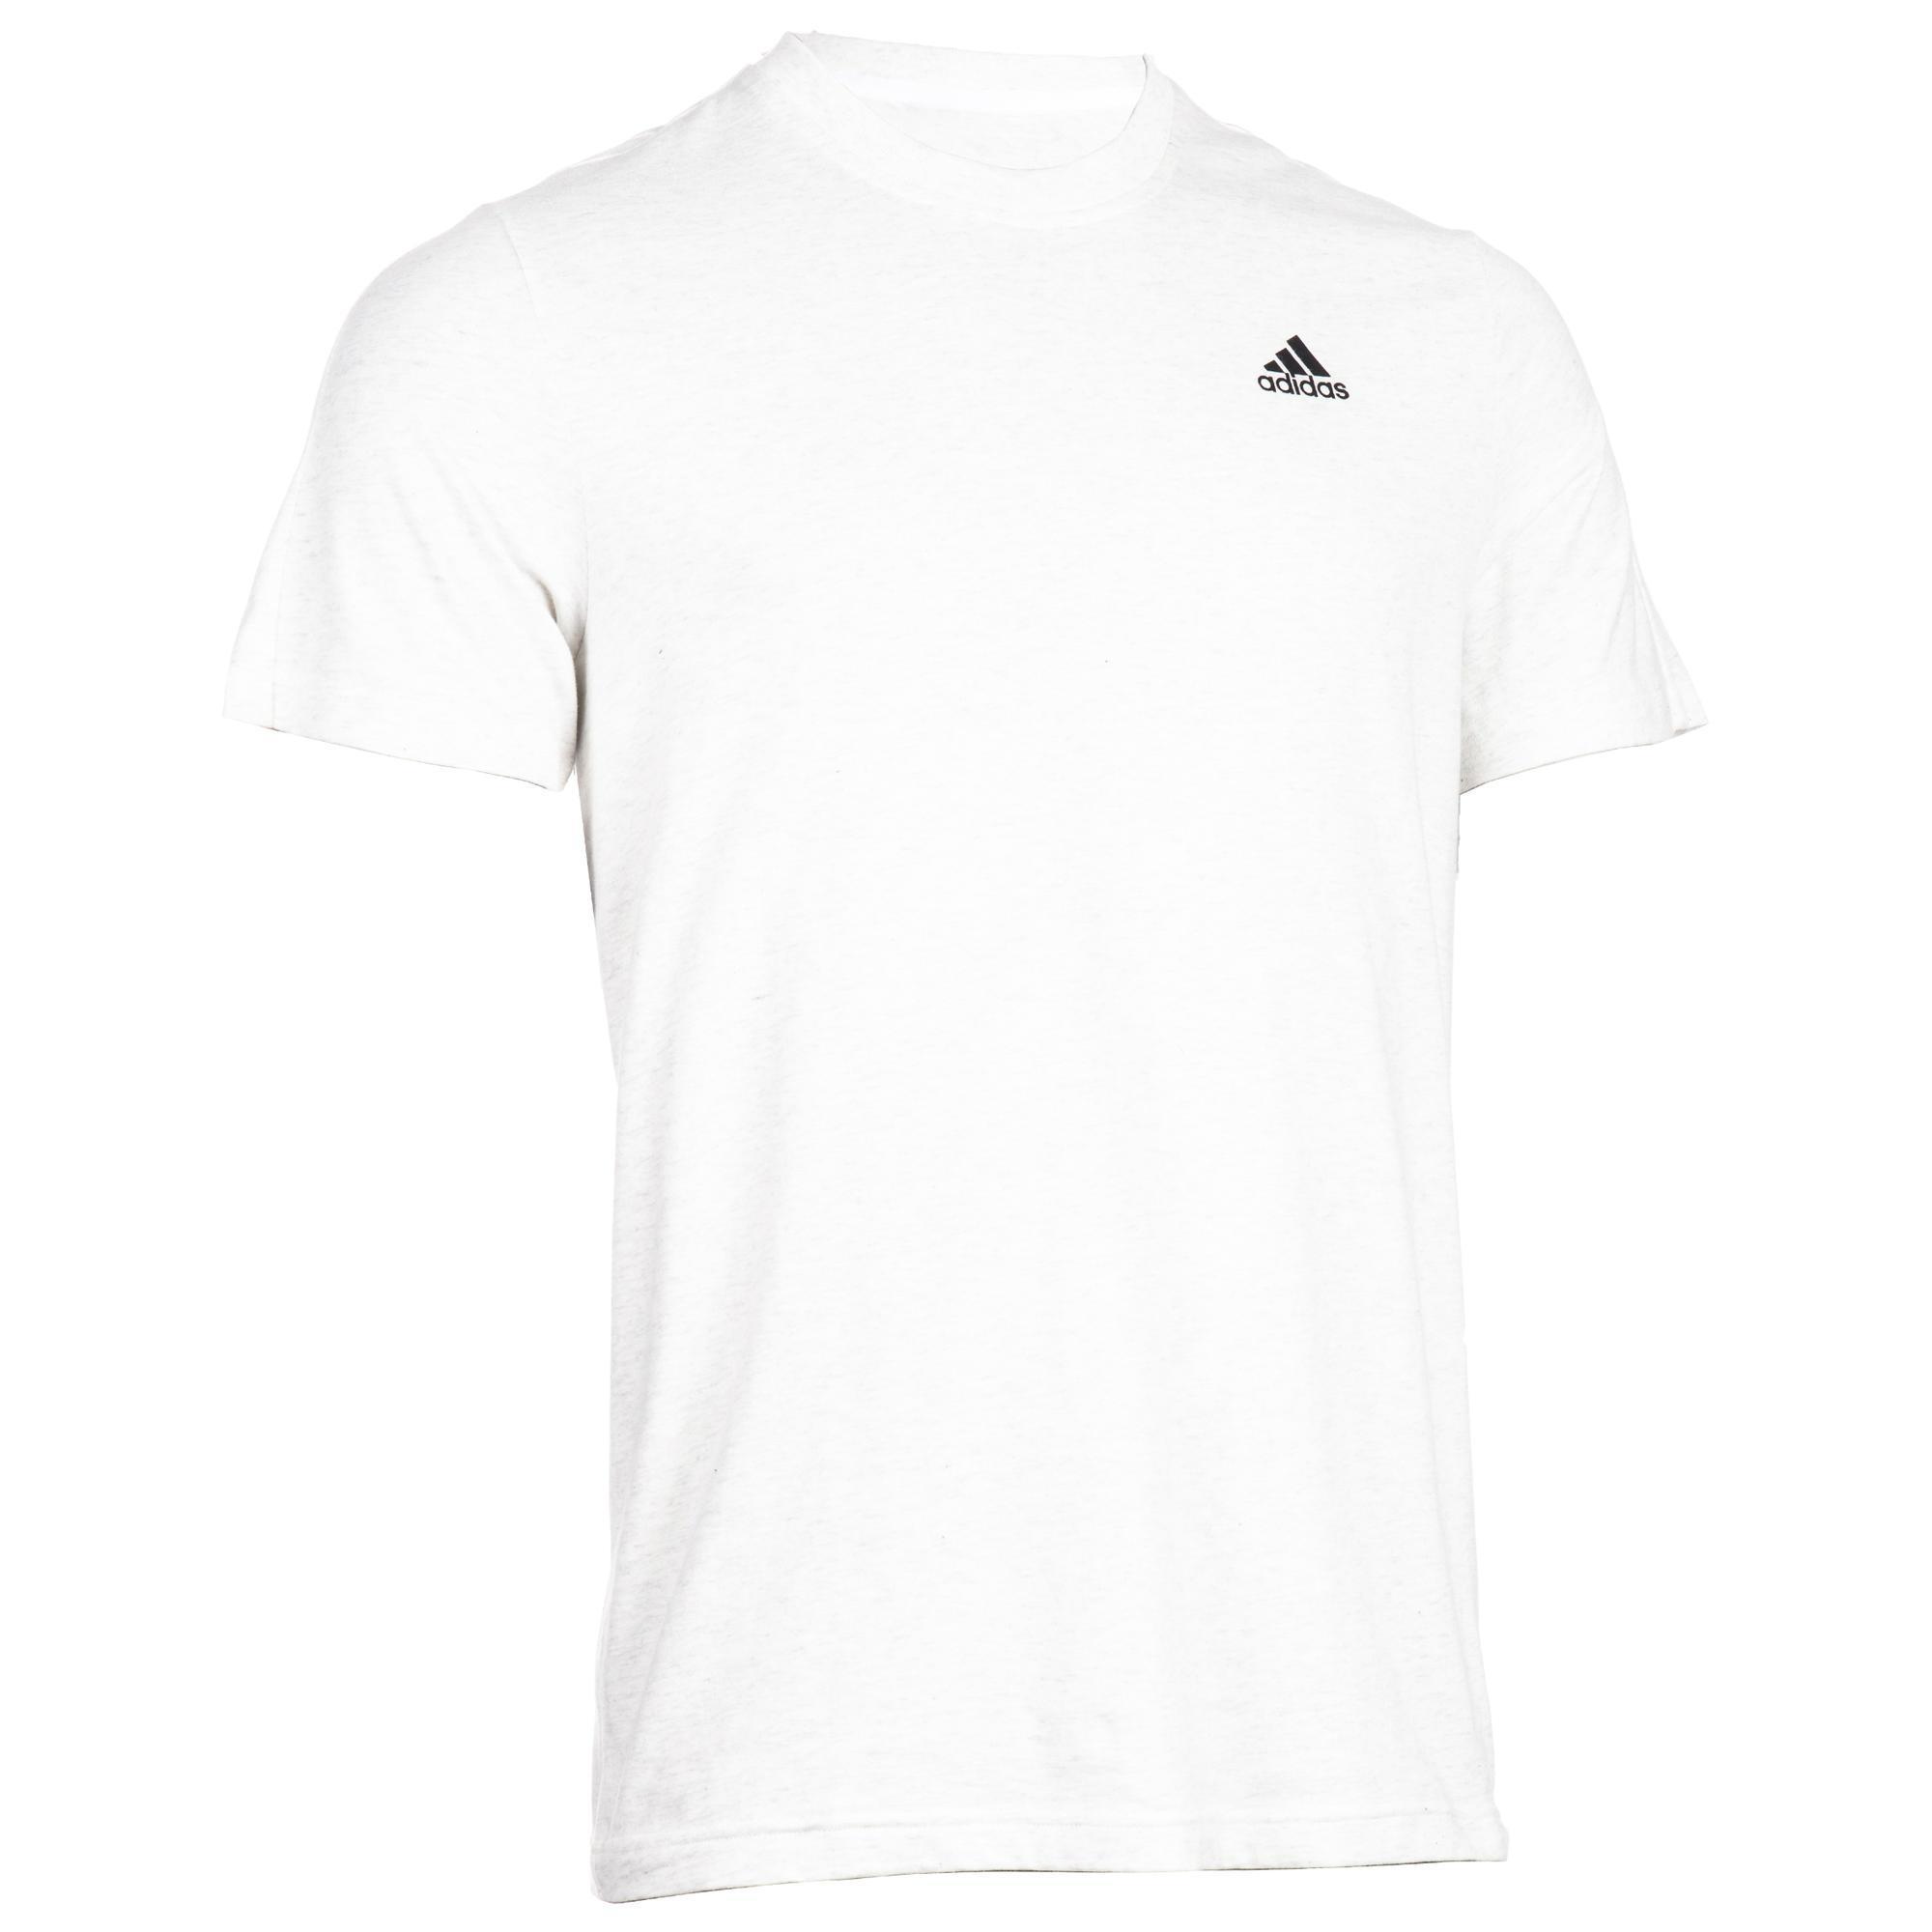 t shirts, poloshirts herren sport erleben decathlon  auslaufmodell t shirt gym 500 stretching herren wei�